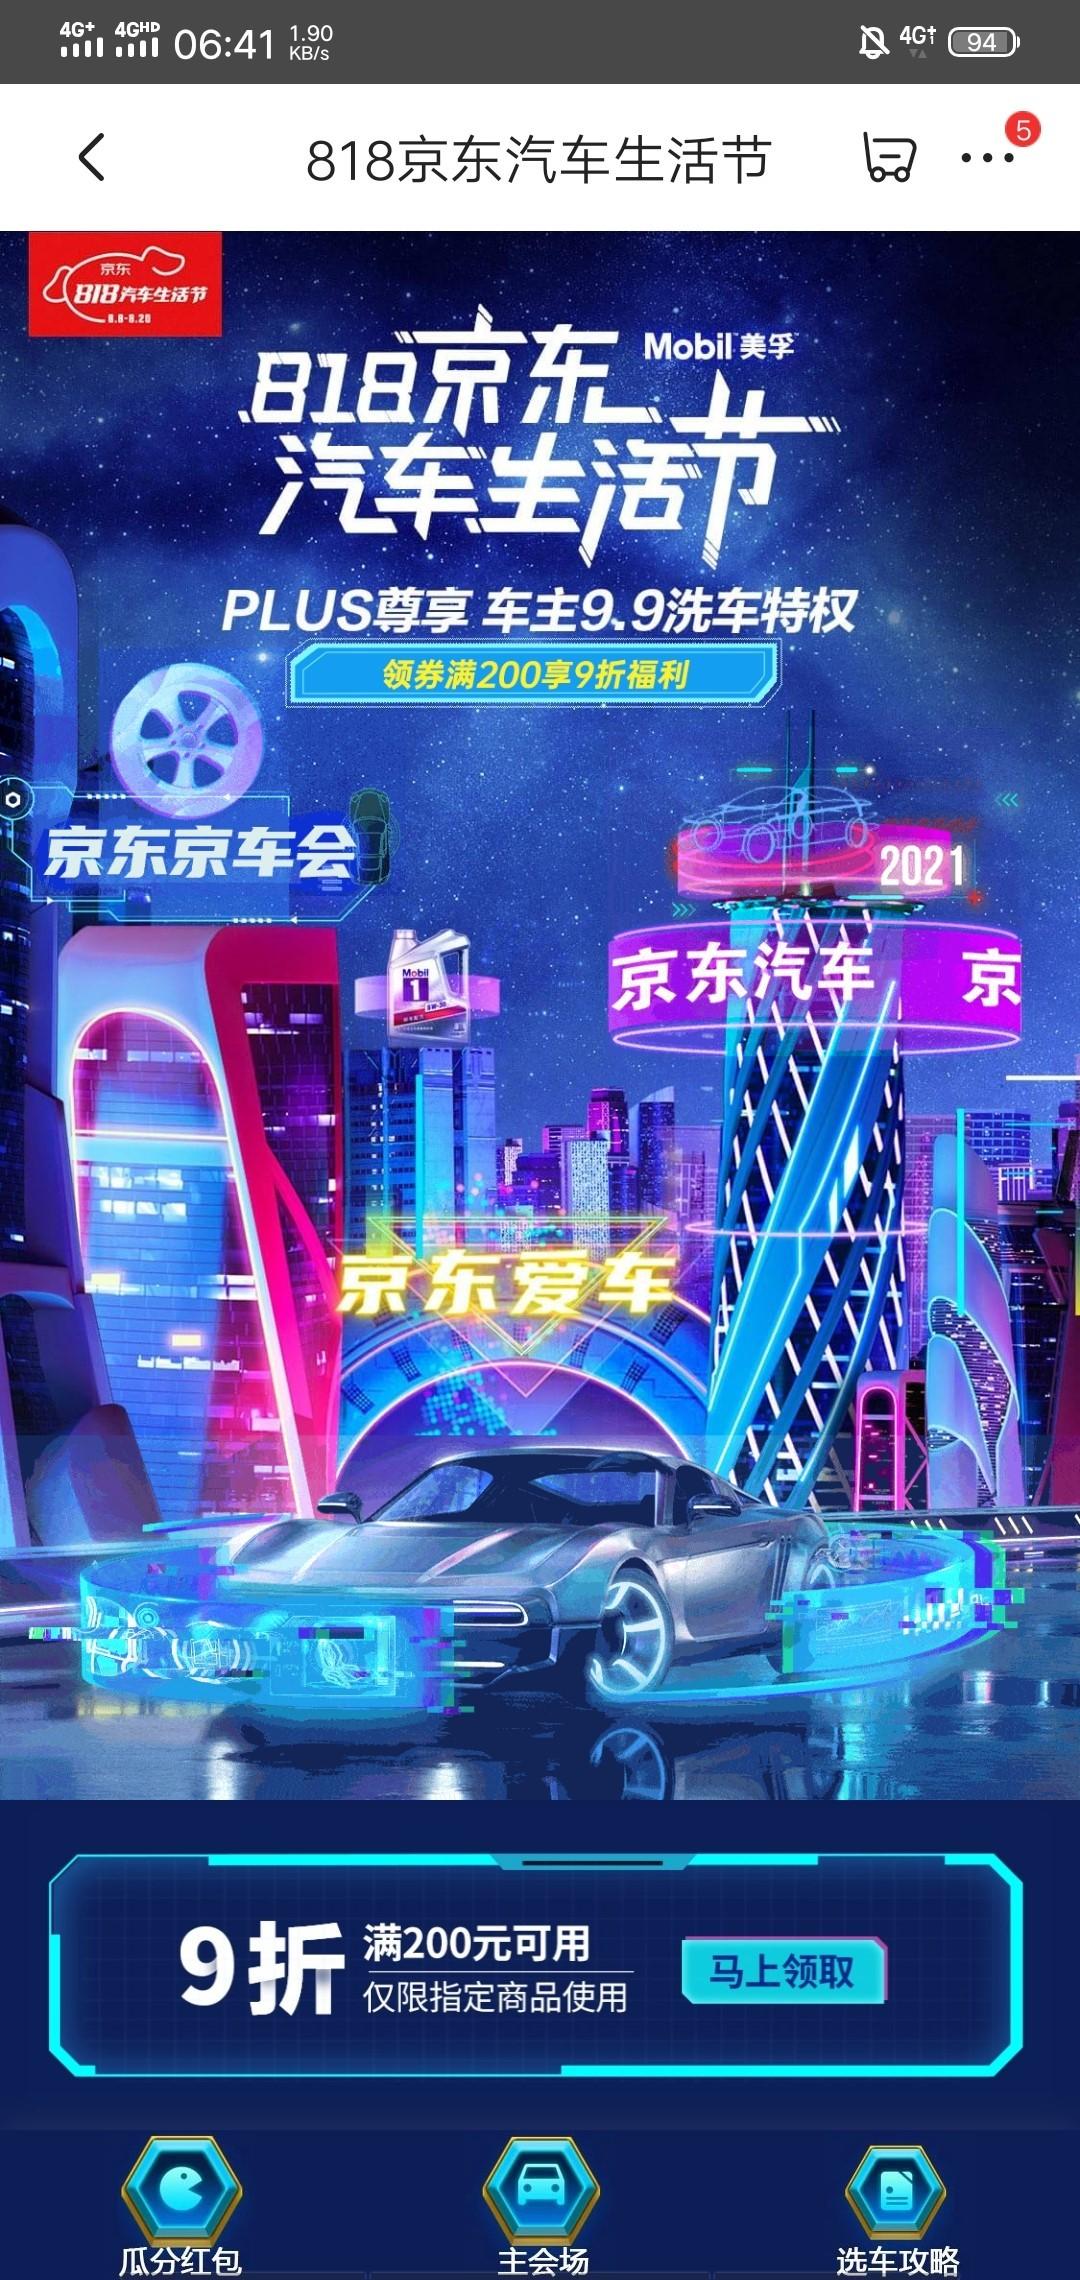 """""""首届818京东汽车生活节即将开启 全渠道服务打造一站式""""京""""质车生活"""